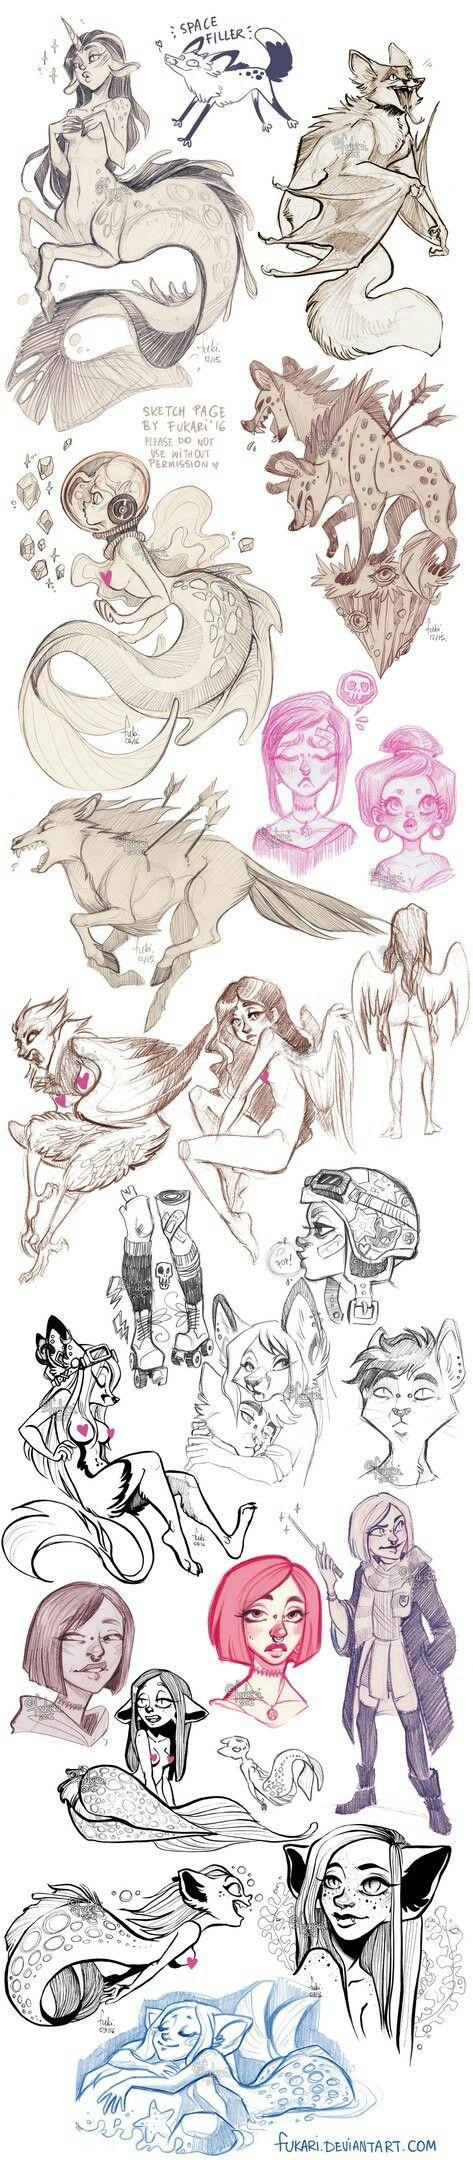 sketch fuki